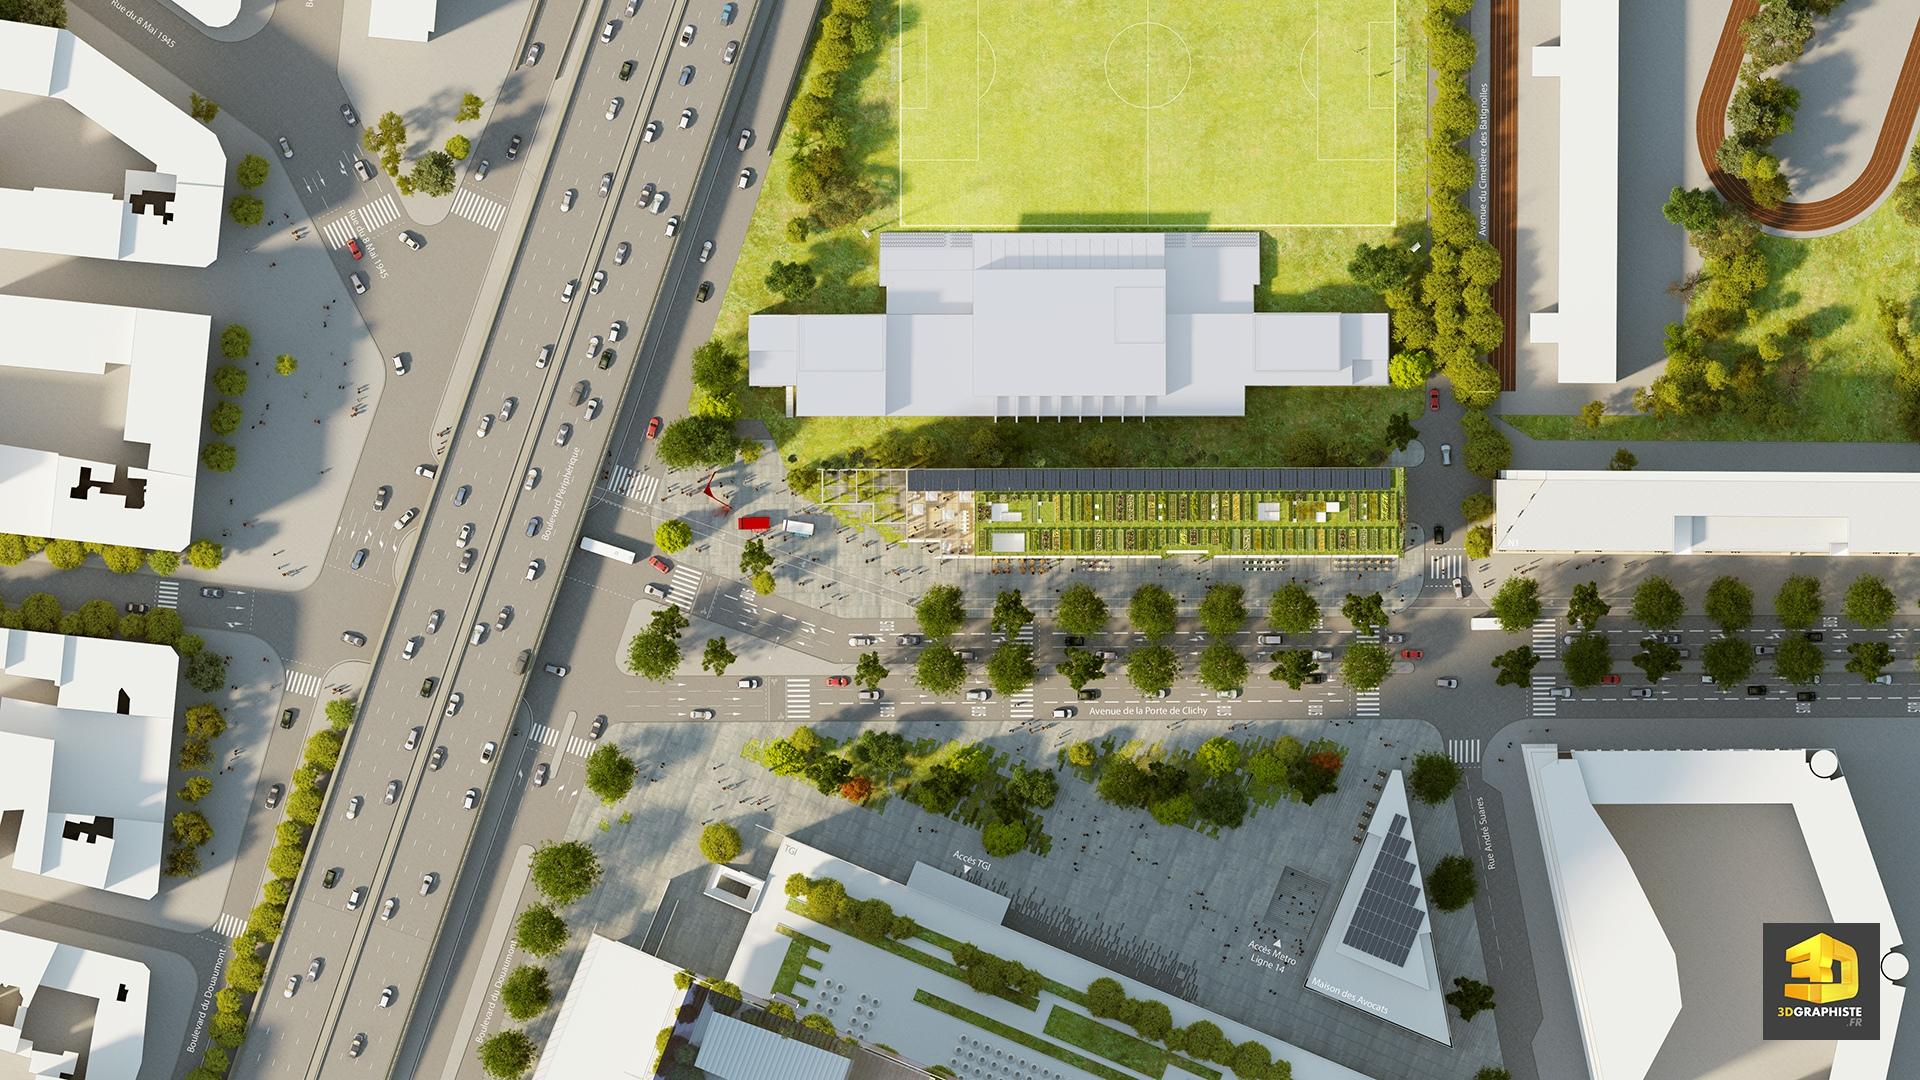 Plan masse éco quartier plan masse éco quartier création dun plan de masse pour une éco quartier du projet grand paris clichy batignolles